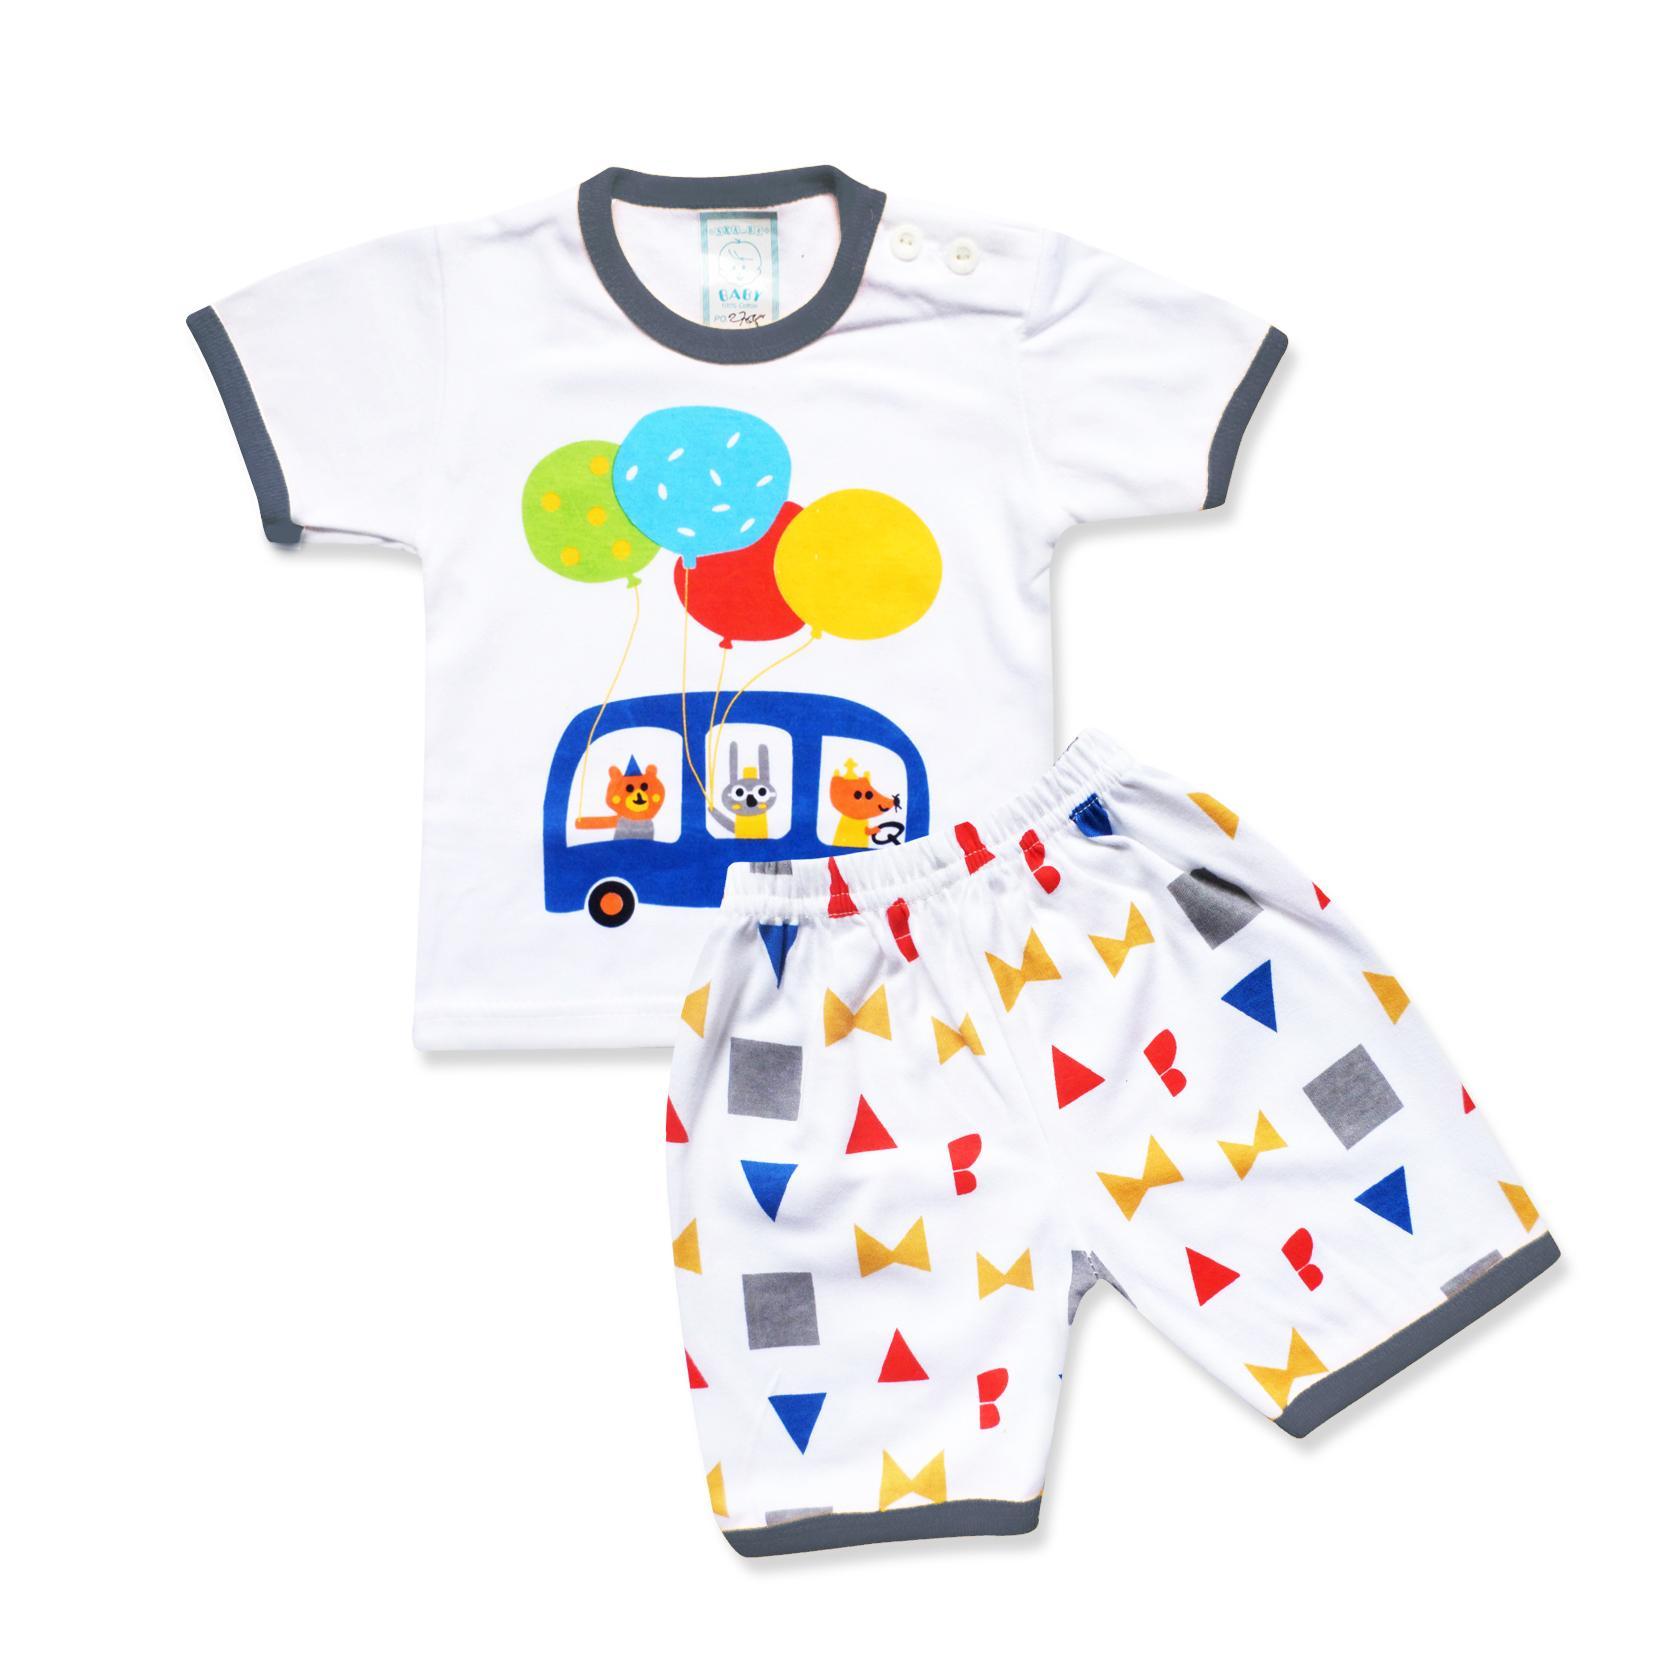 Skabe Baby Putih Baju Tangan Pendek Anak Bayi Laki Laki Setelan Kaos Celana Full Print 2785 Everyday By Waka Kids.